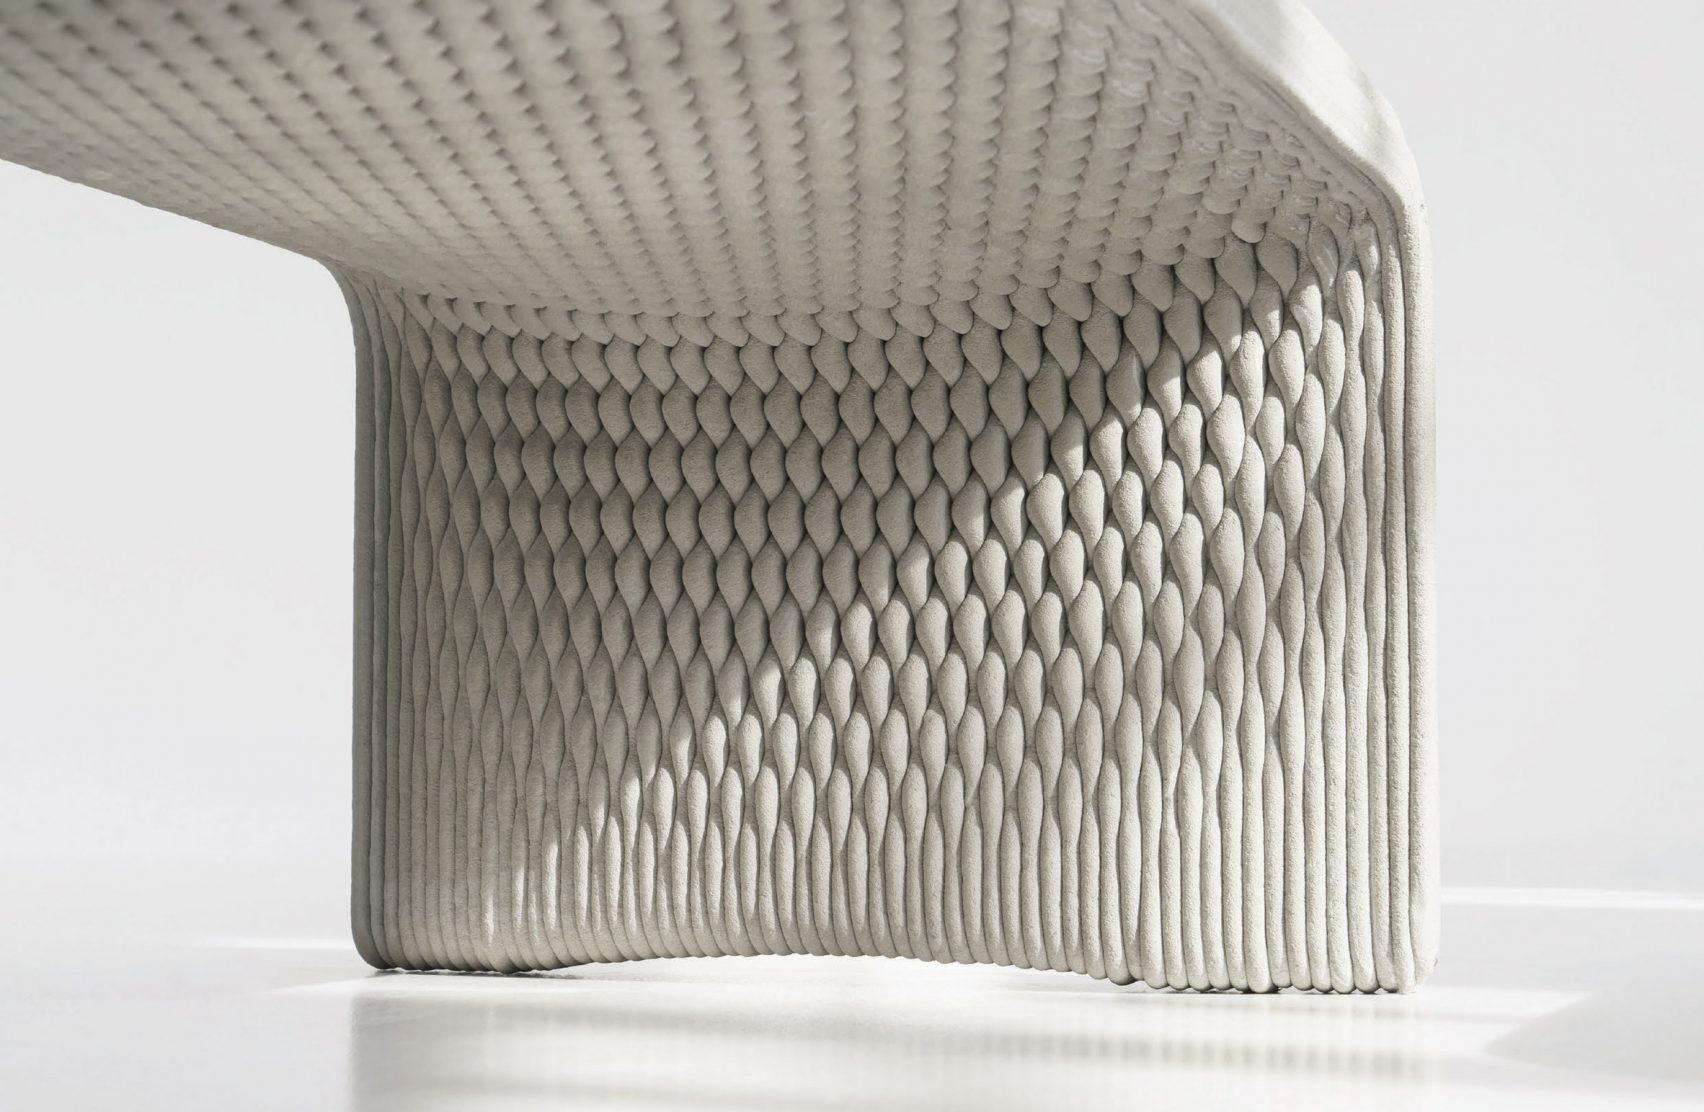 Колекция скамеек, выполненных из бетона на 3D-принтере